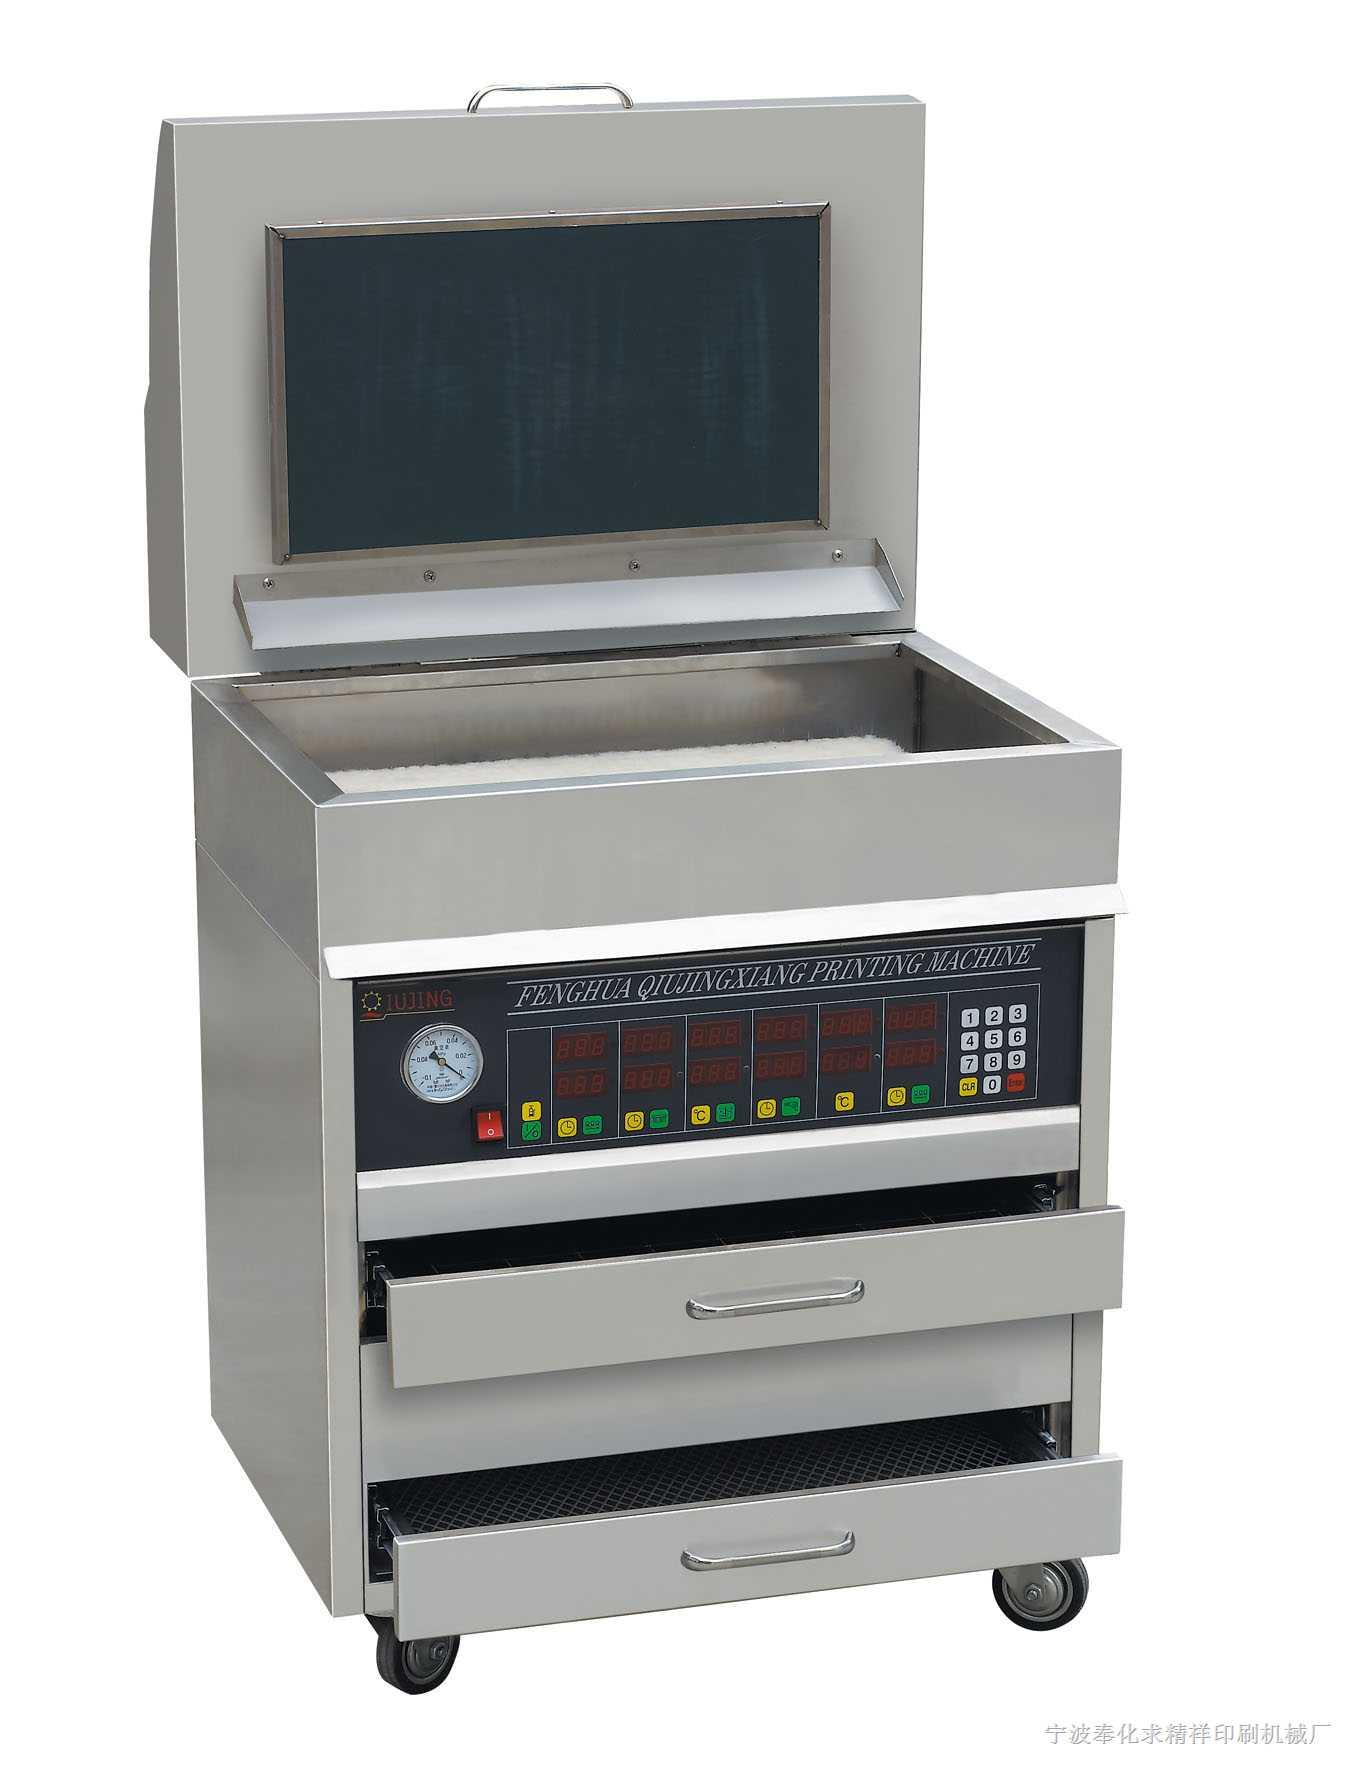 435x250mm 感光树脂版制版机